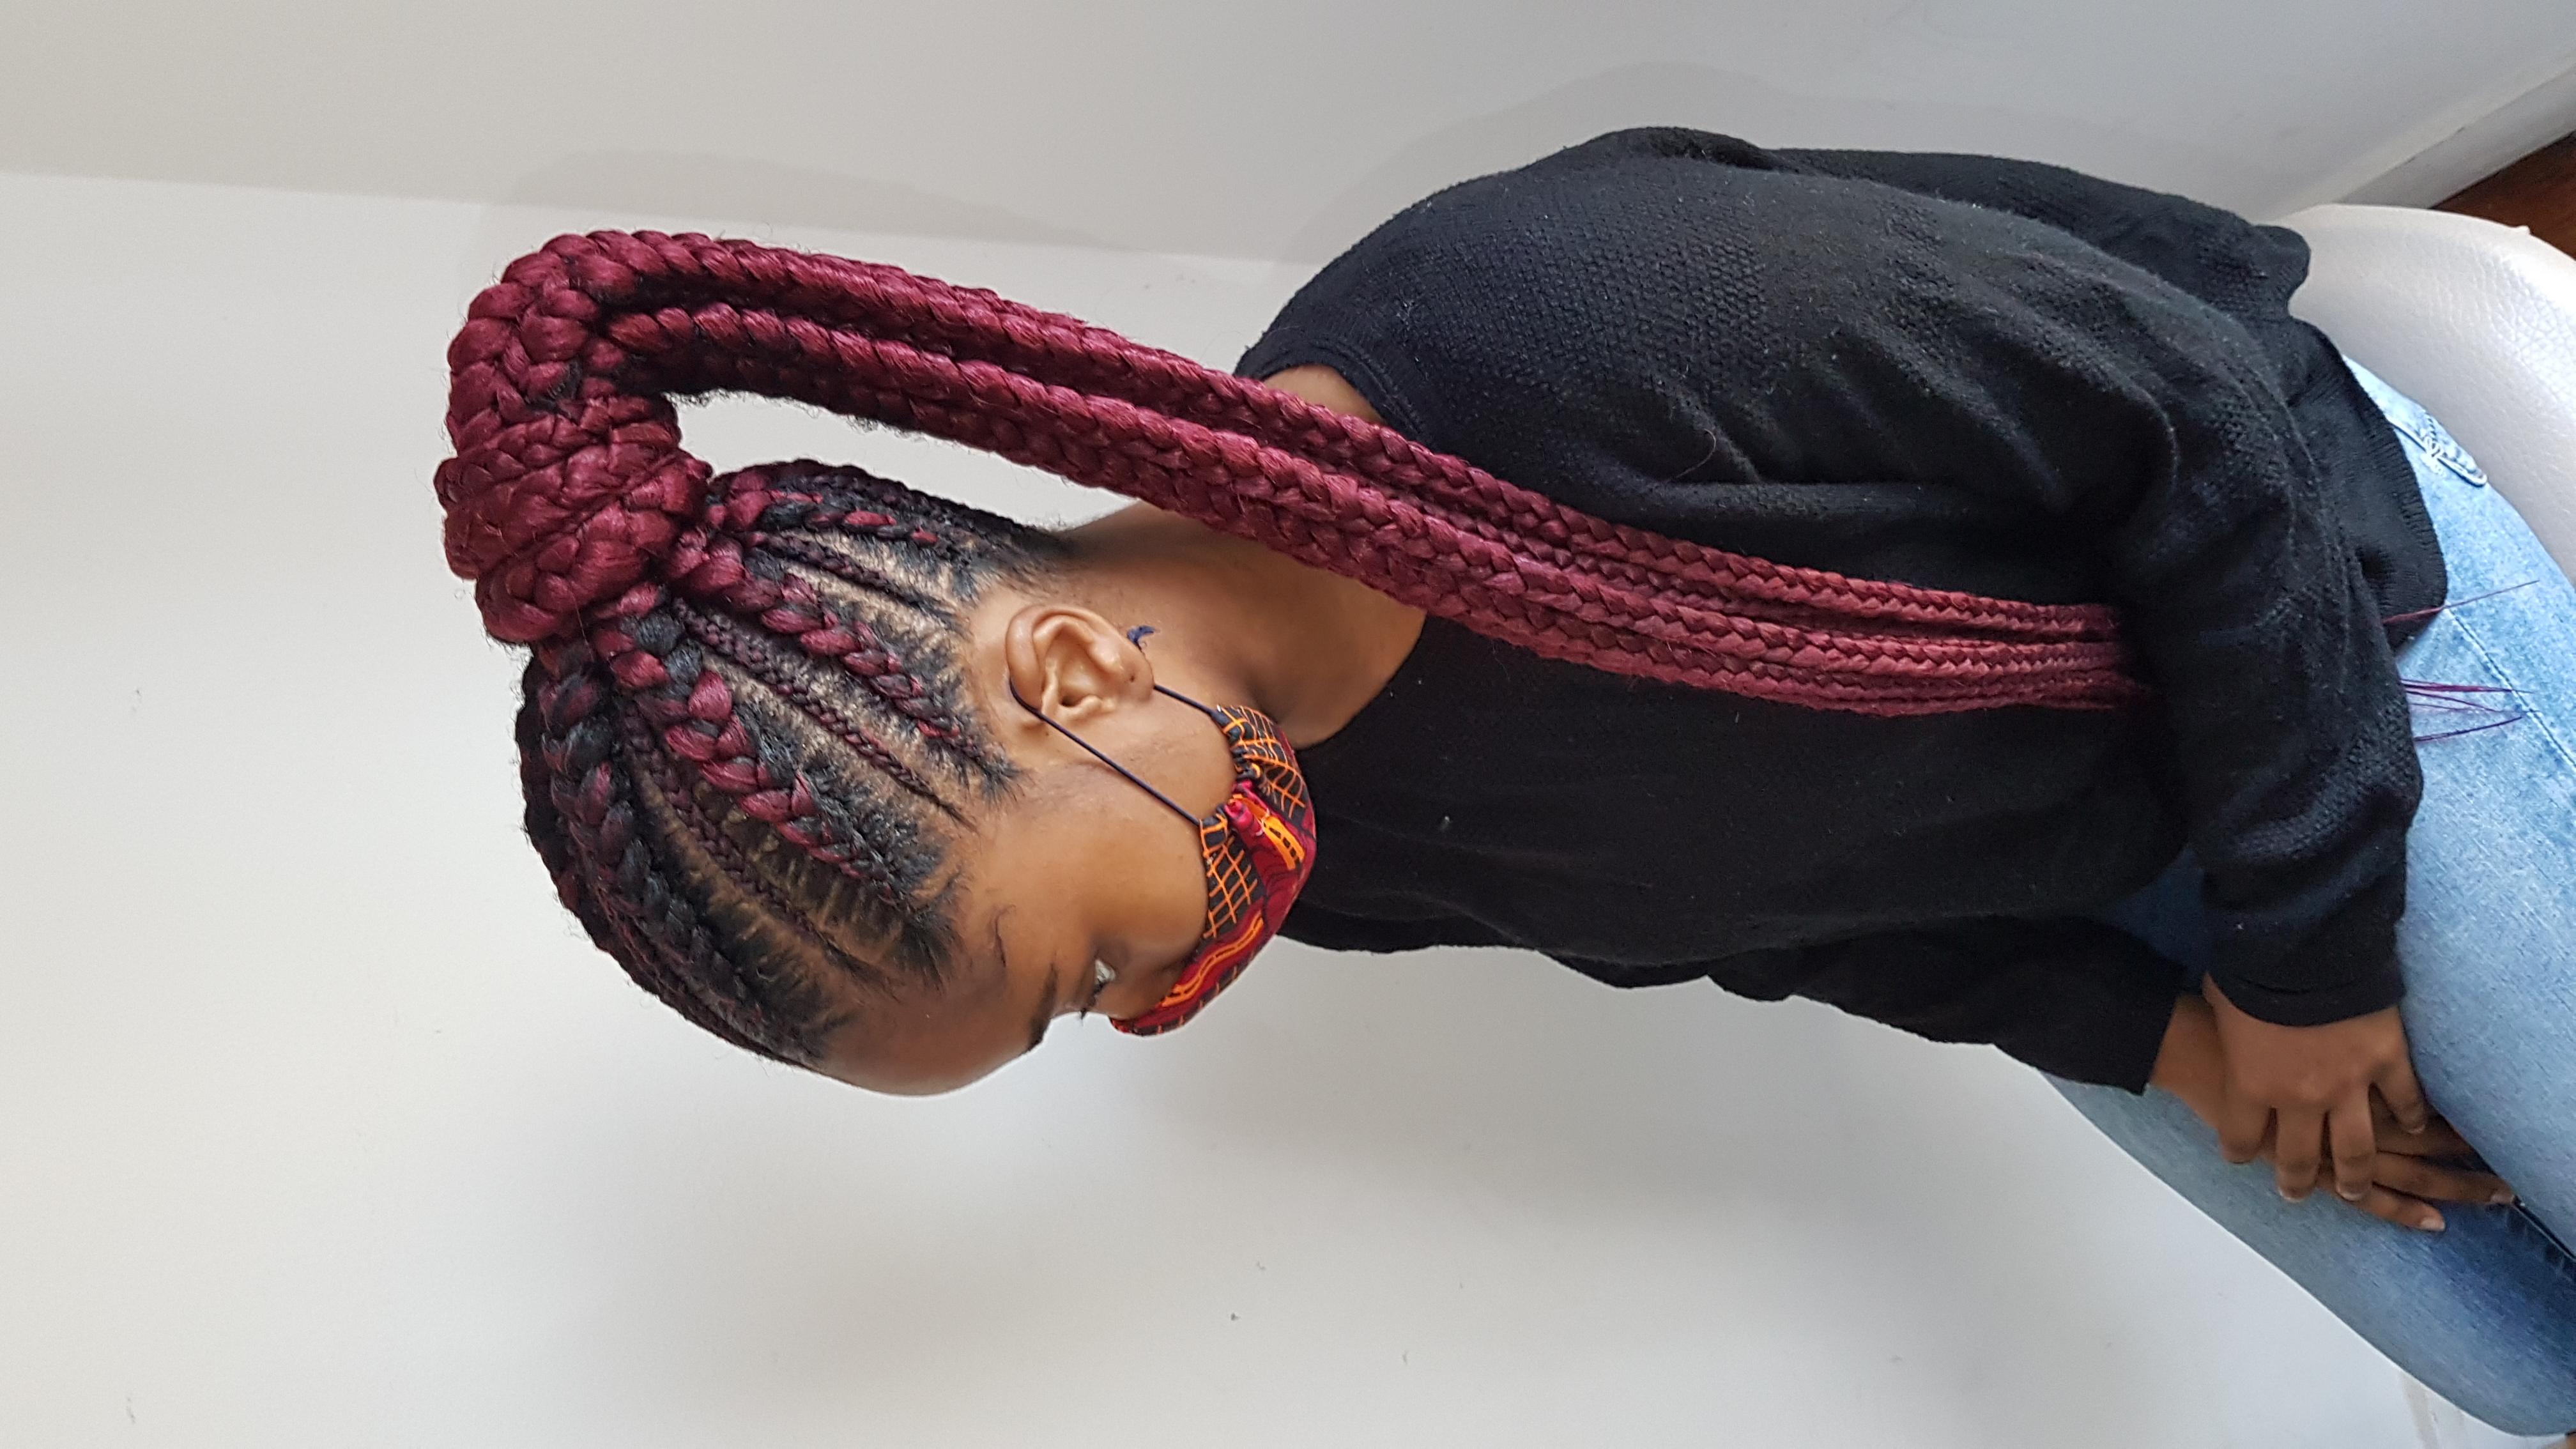 salon de coiffure afro tresse tresses box braids crochet braids vanilles tissages paris 75 77 78 91 92 93 94 95 KHAGAIIT